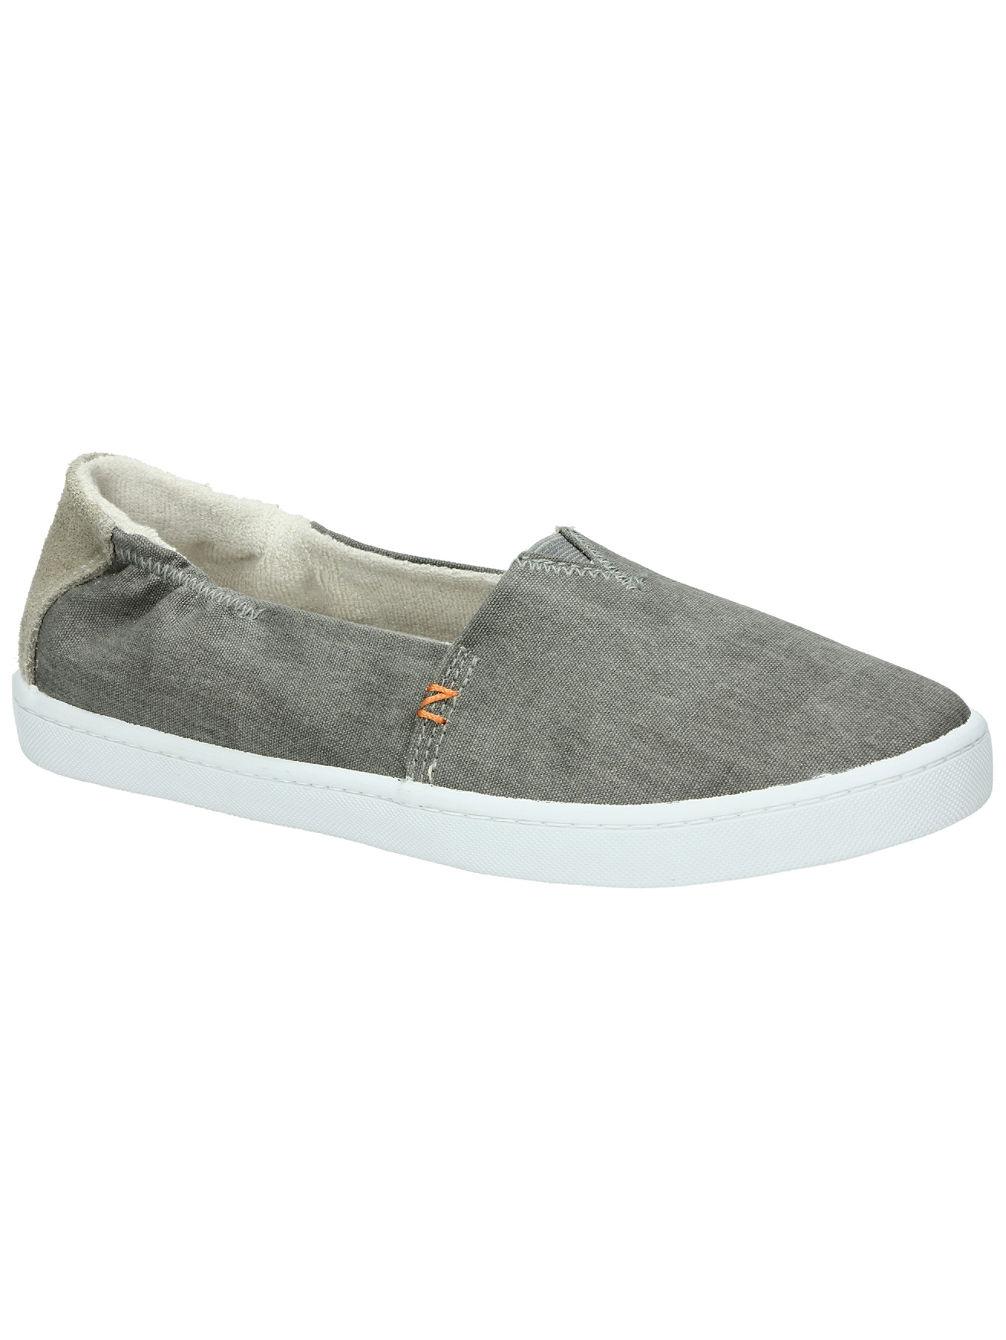 HUB Fuji Slippers